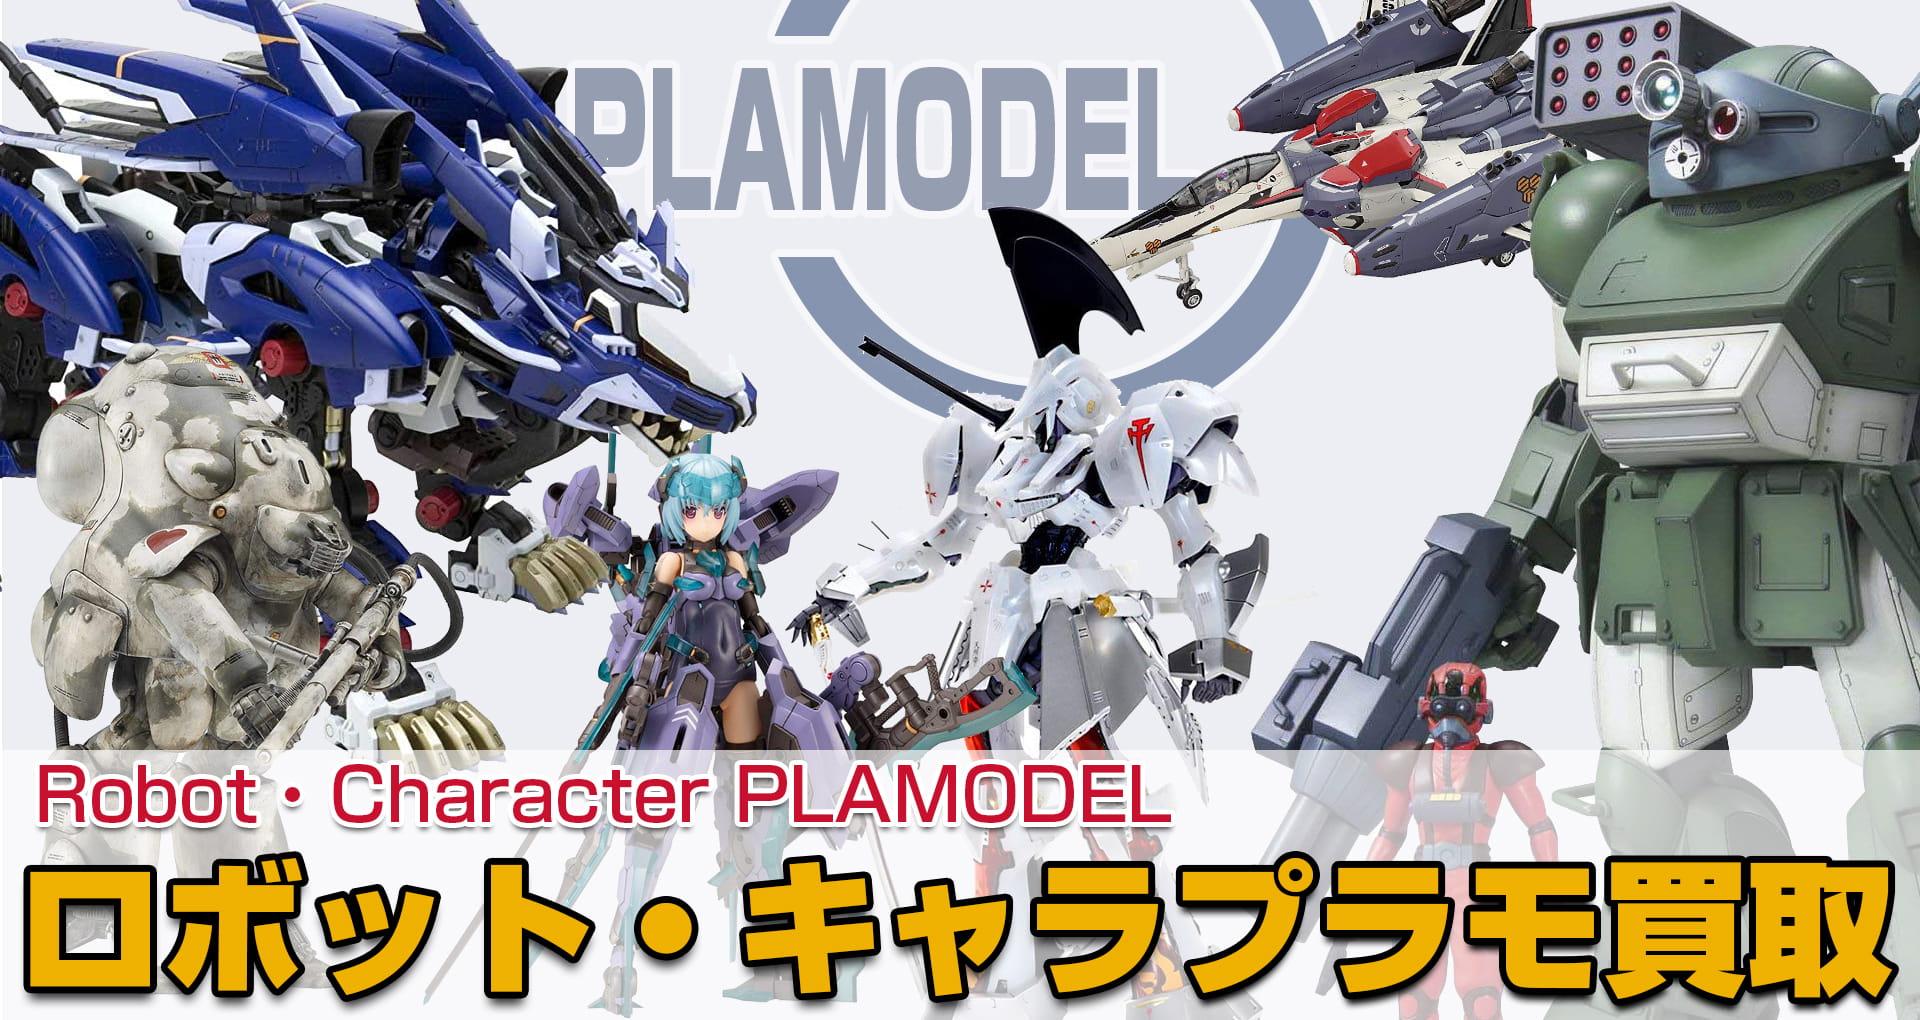 ロボット・キャラクタープラモデル強化高価買取中!